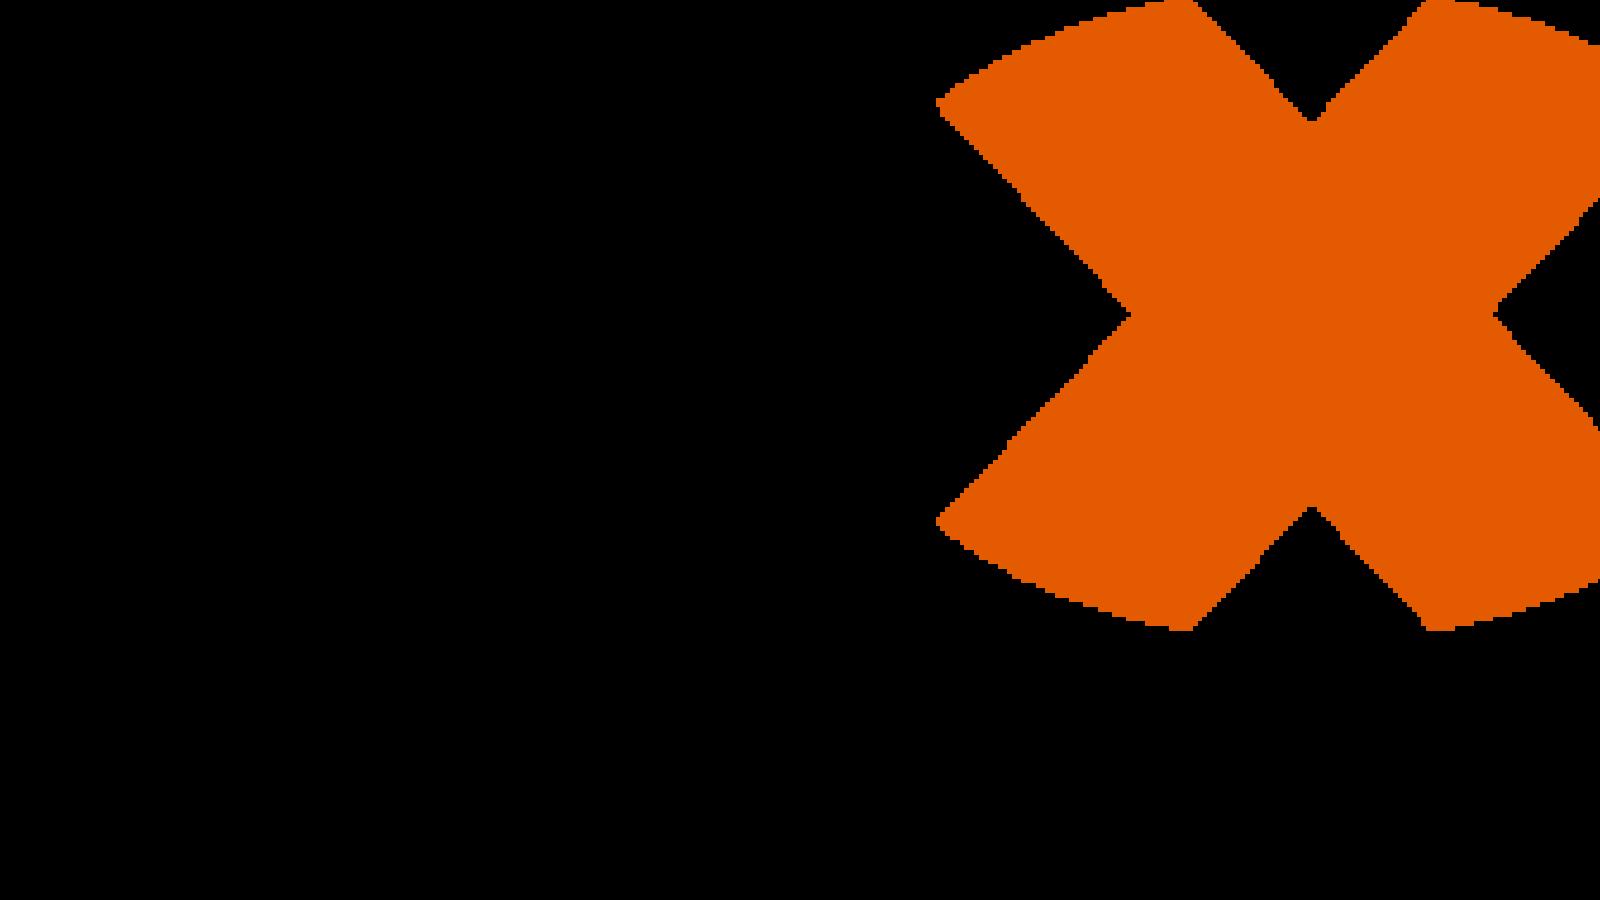 Das neue FitX-Studio in Hamburg – Steilshoop lockt mit niedrigen Preisen und hoher Leistung!